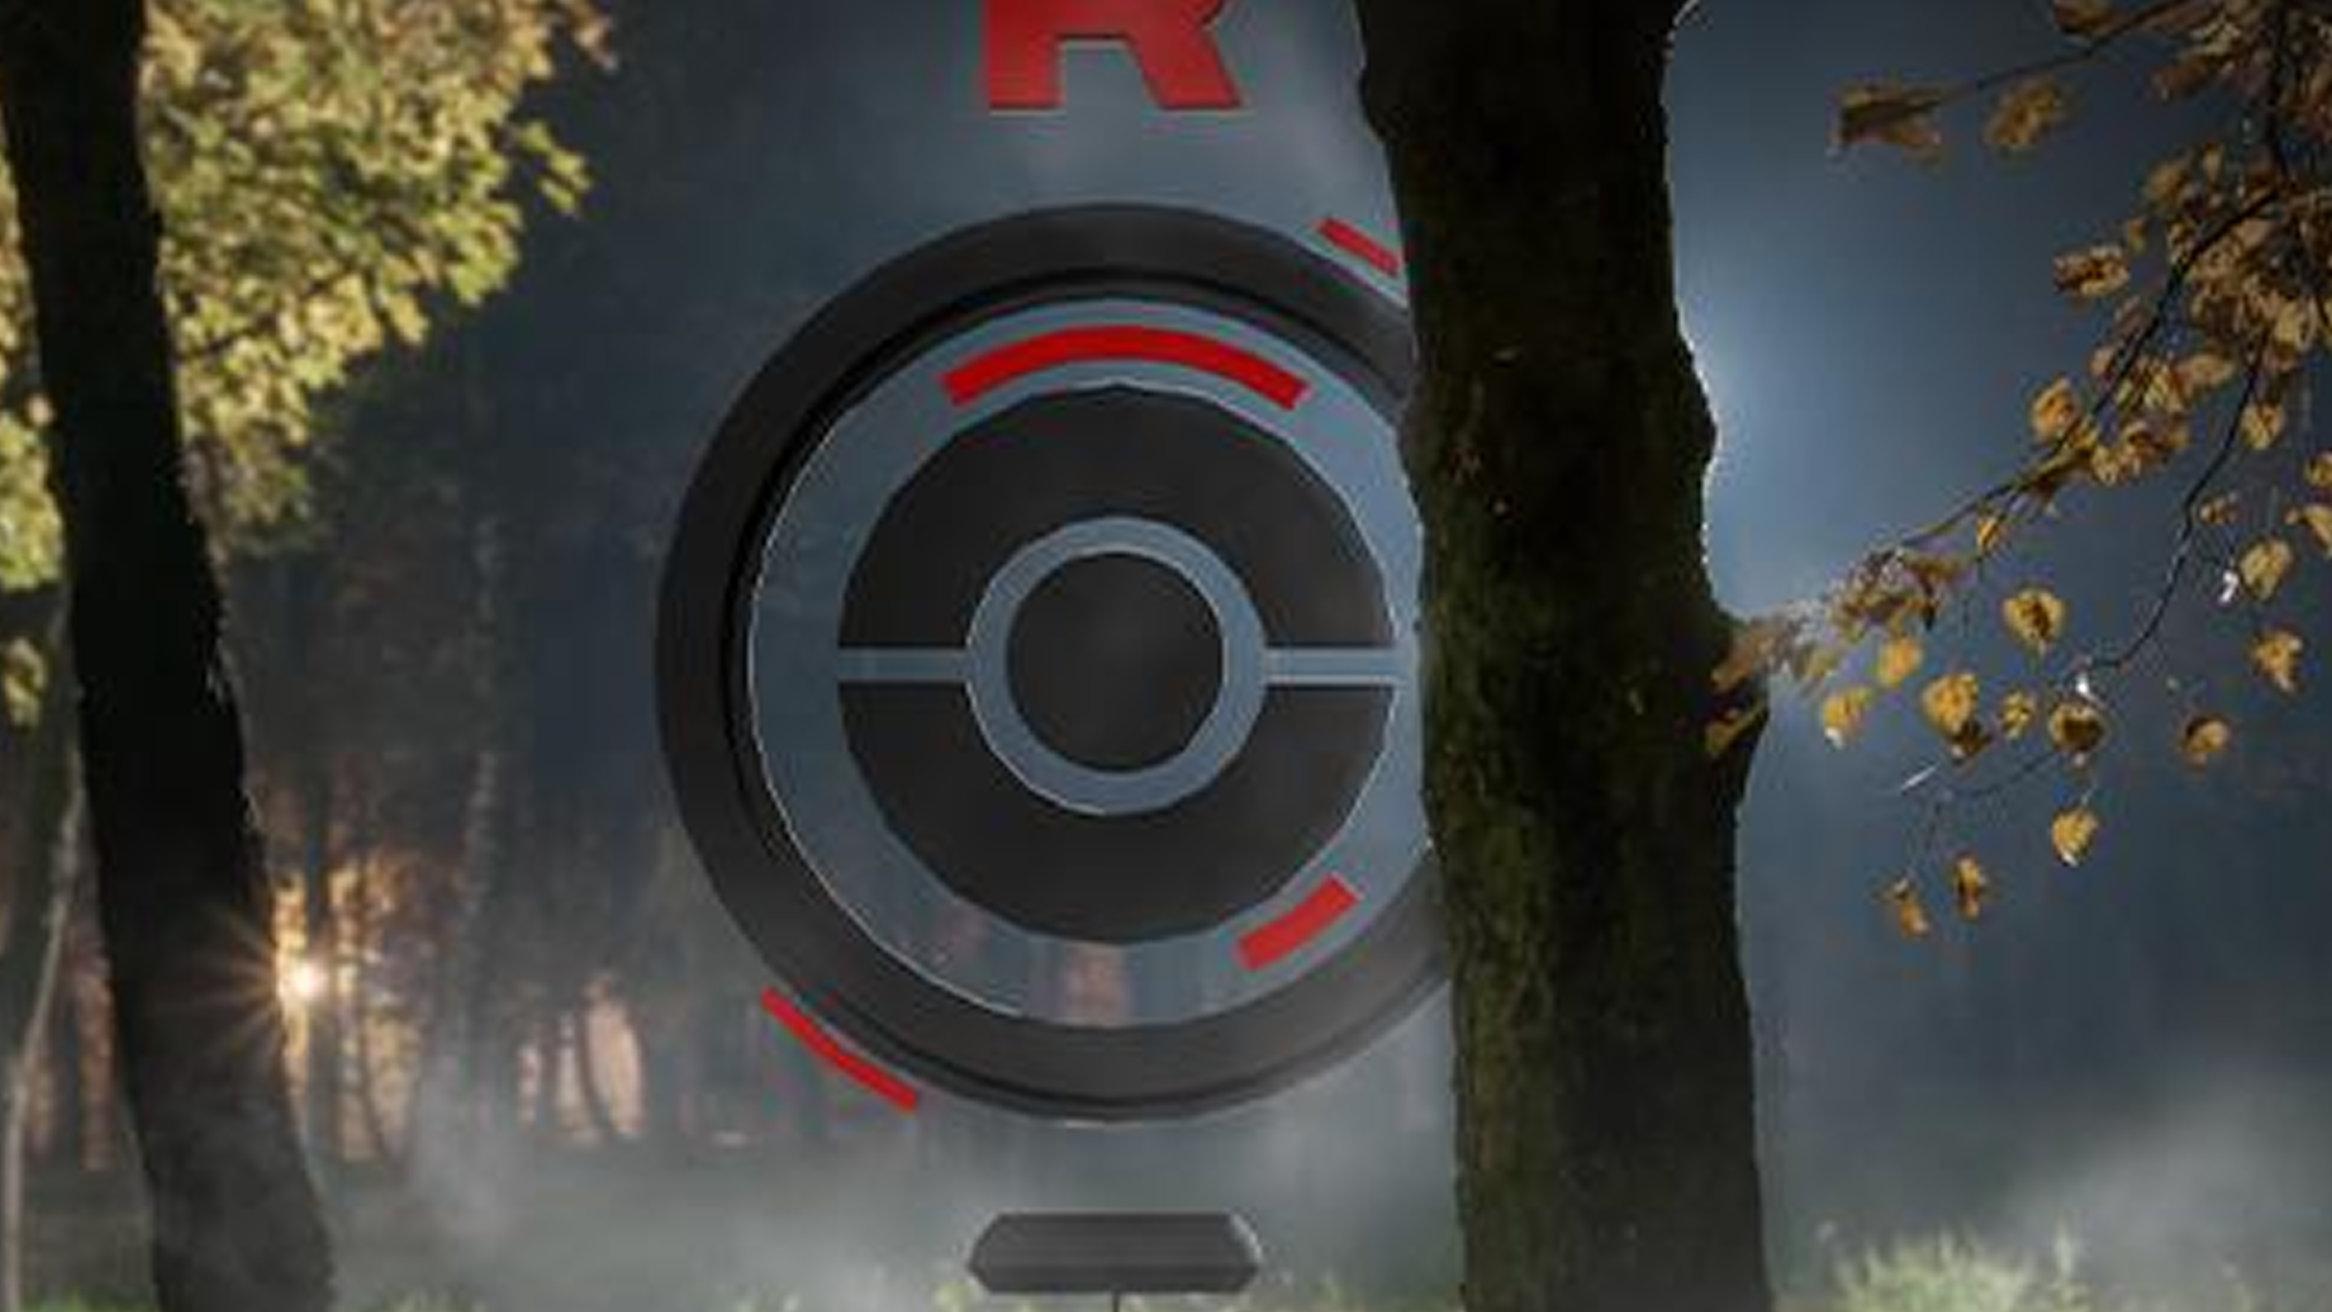 ポケモンGO、黒いポケストップ見つけ方。ロケット団の侵略